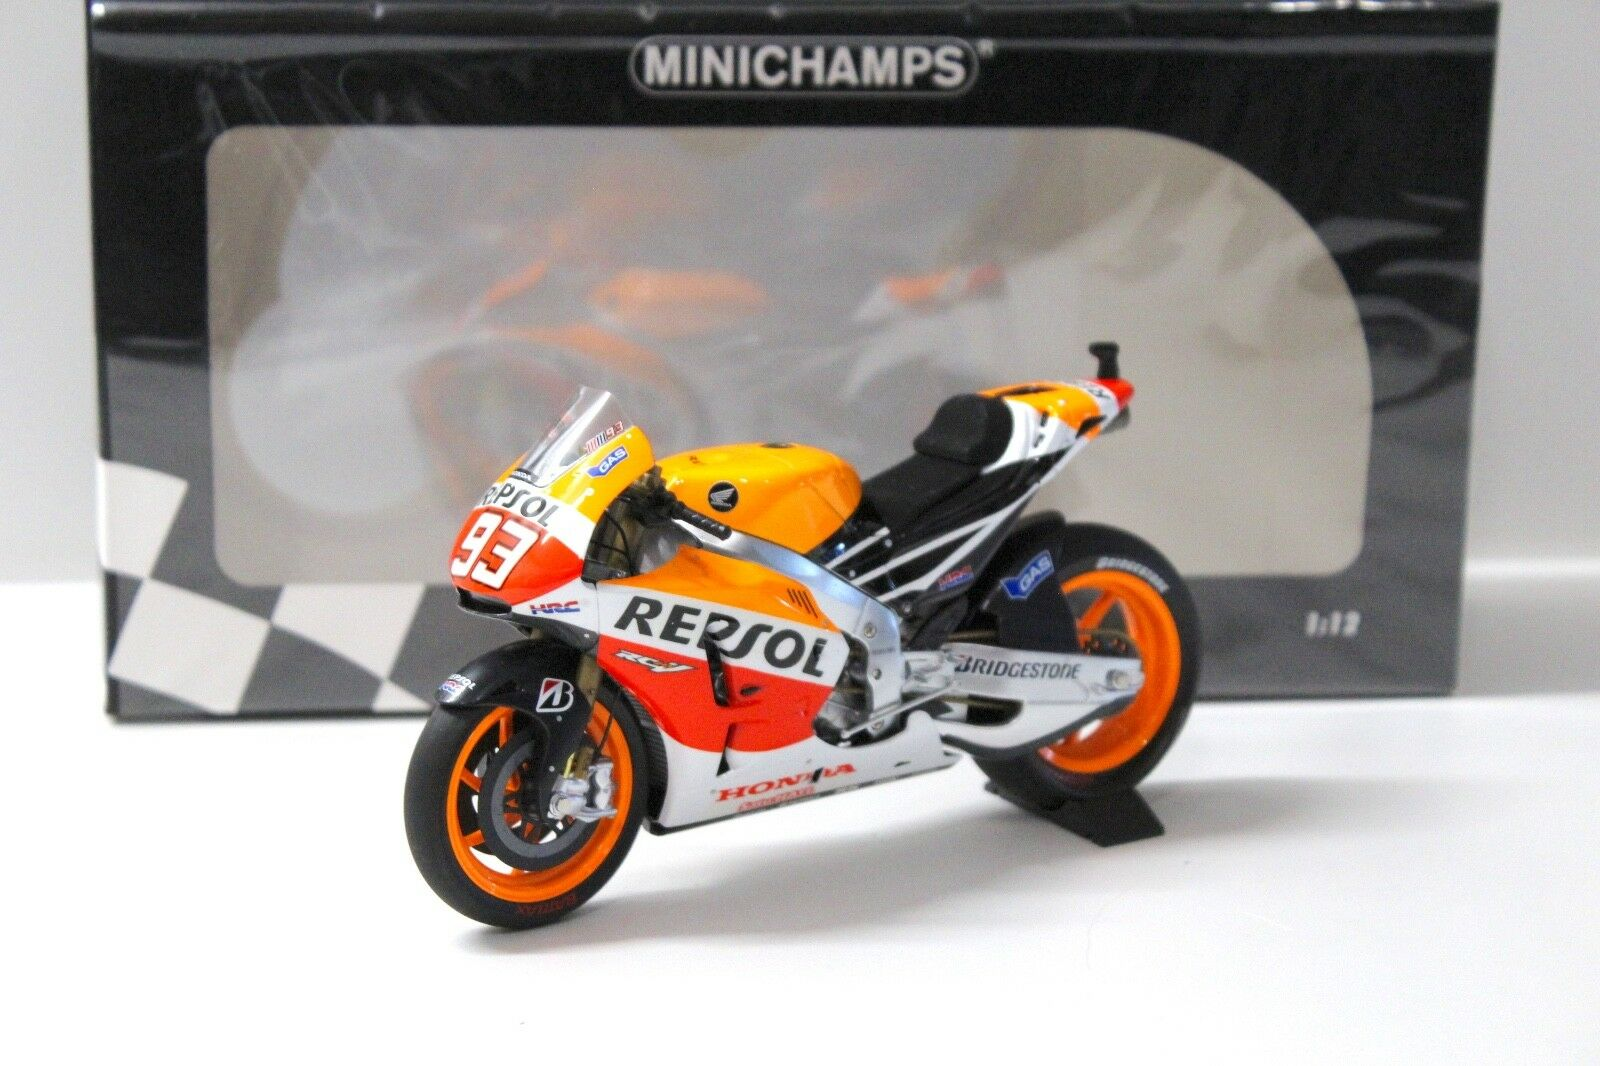 1:12 Minichamps Honda rc213v MotoGP World Champion Marquez New chez Premium-MODELCAR | Paquet Solide Et élégant